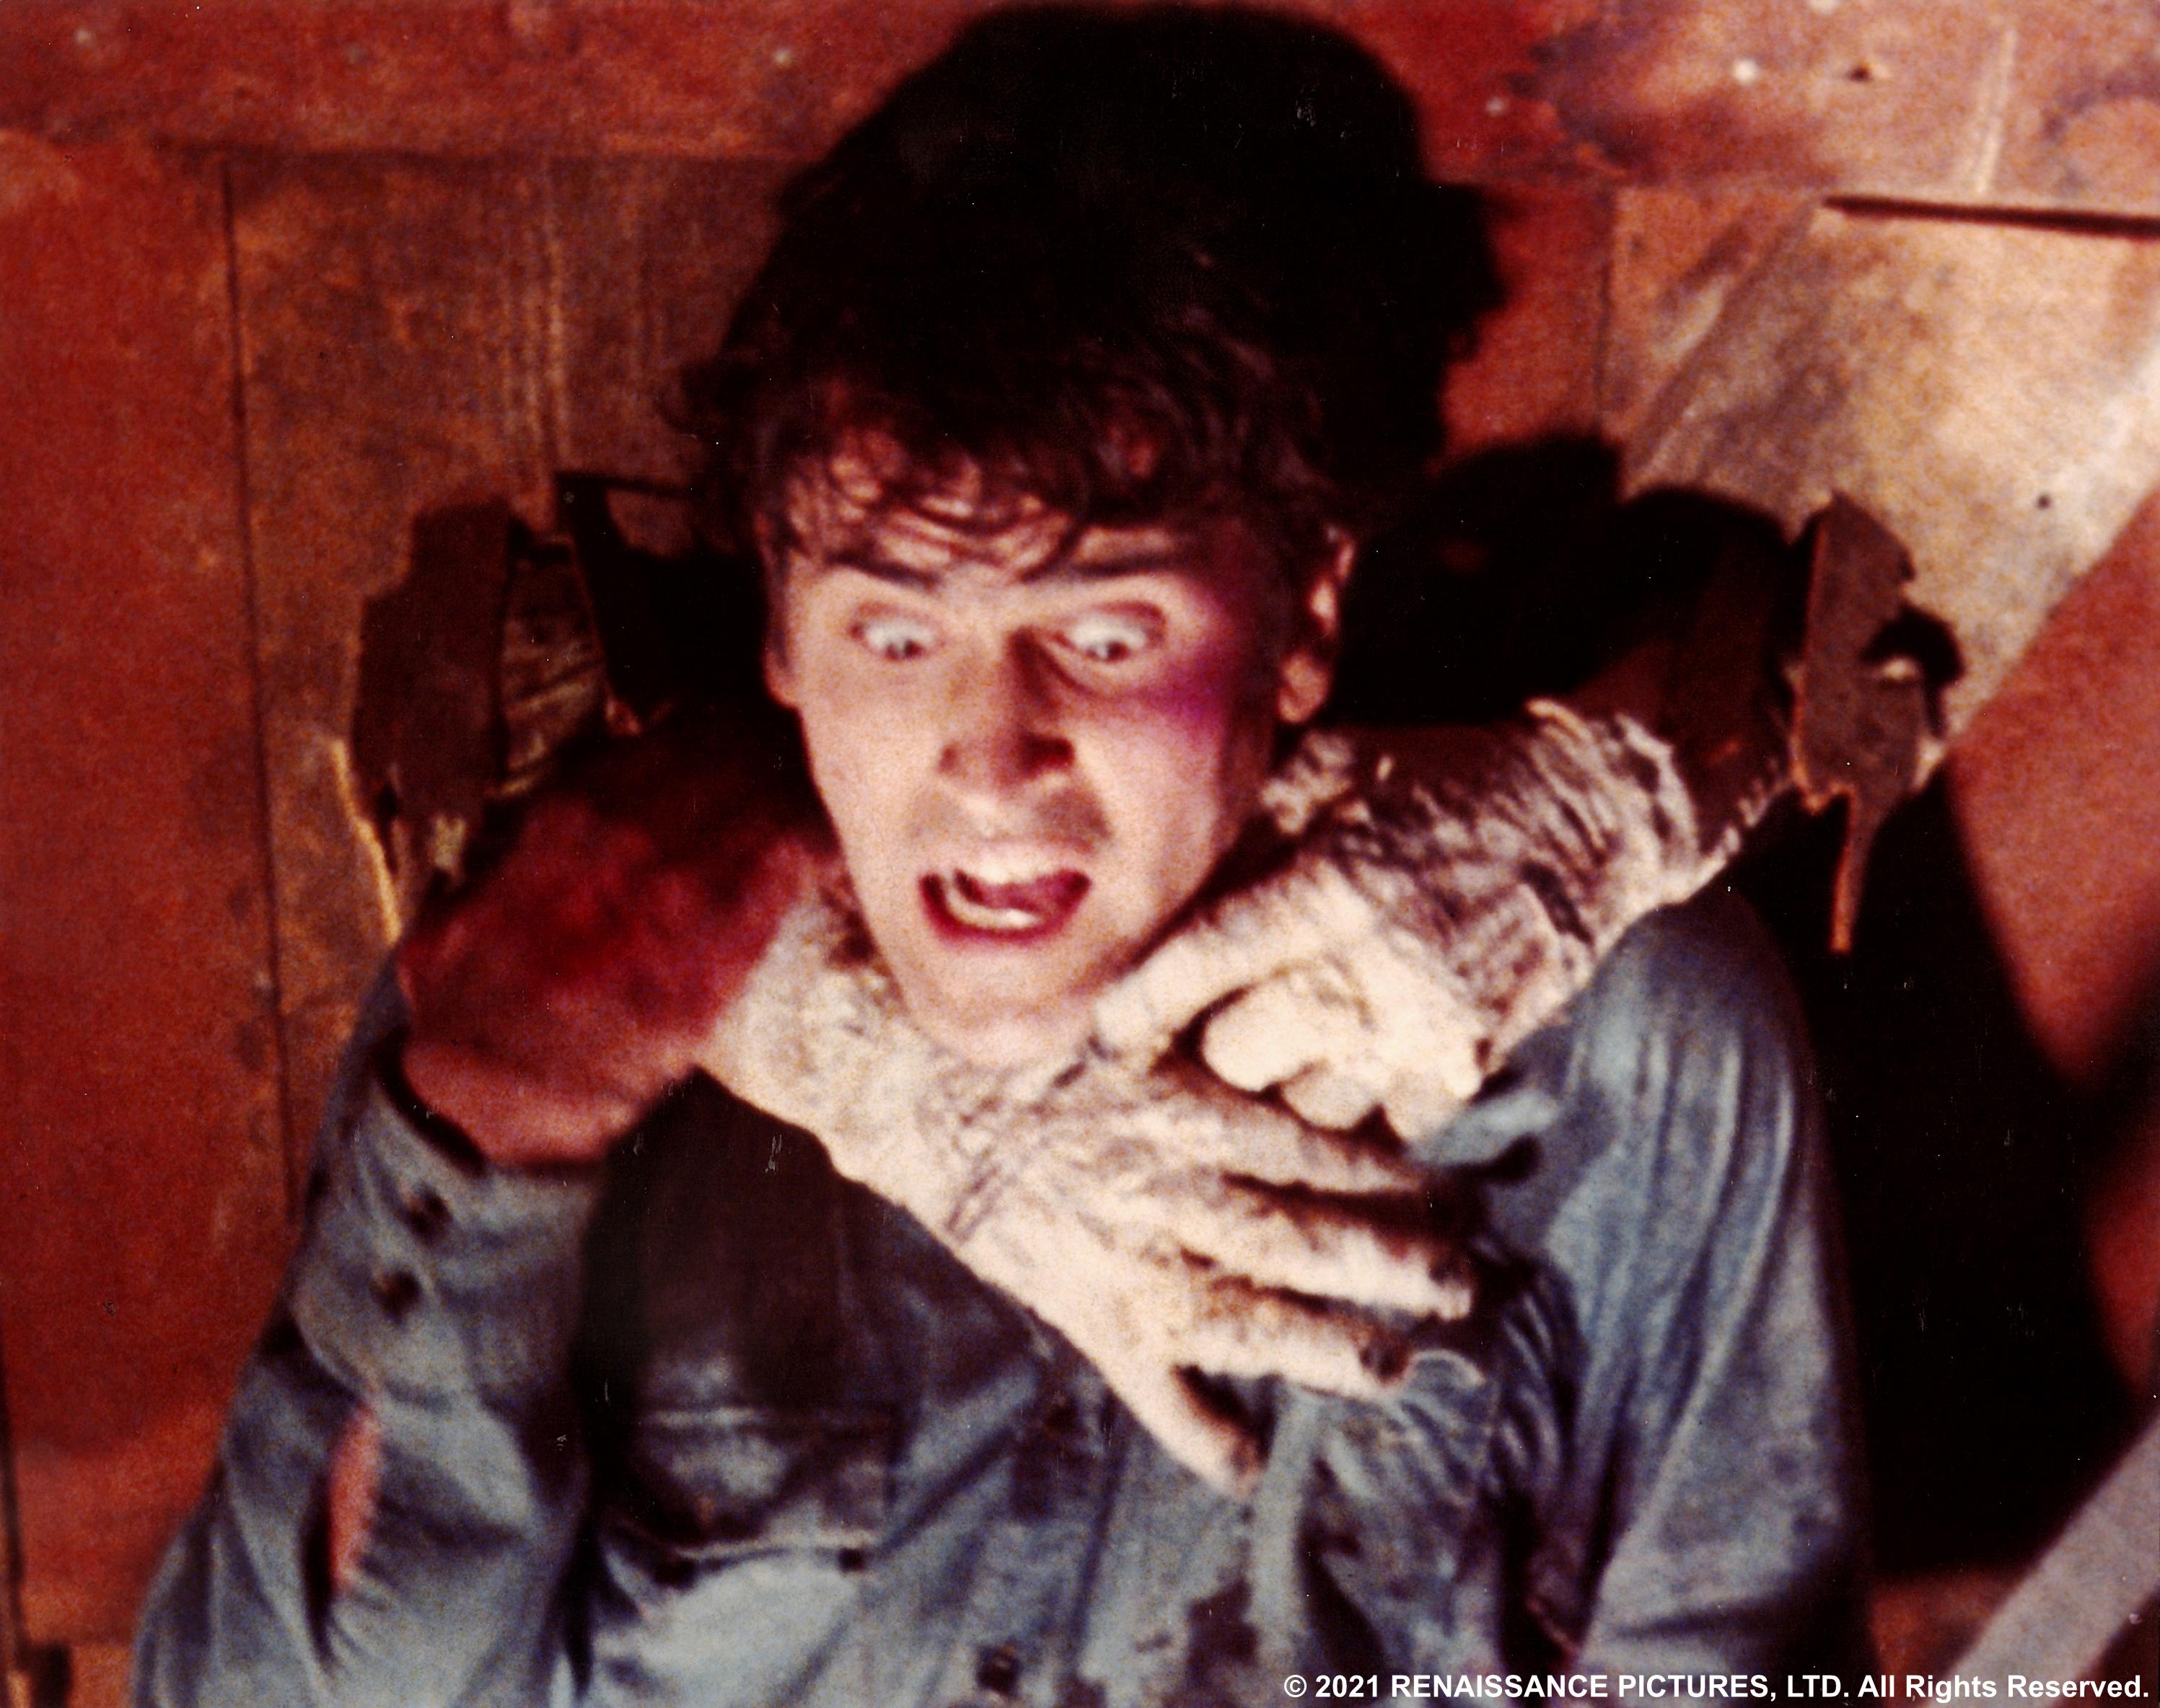 The Evil Dead: Sam Raimi film returns to theatres for 40th anniversary